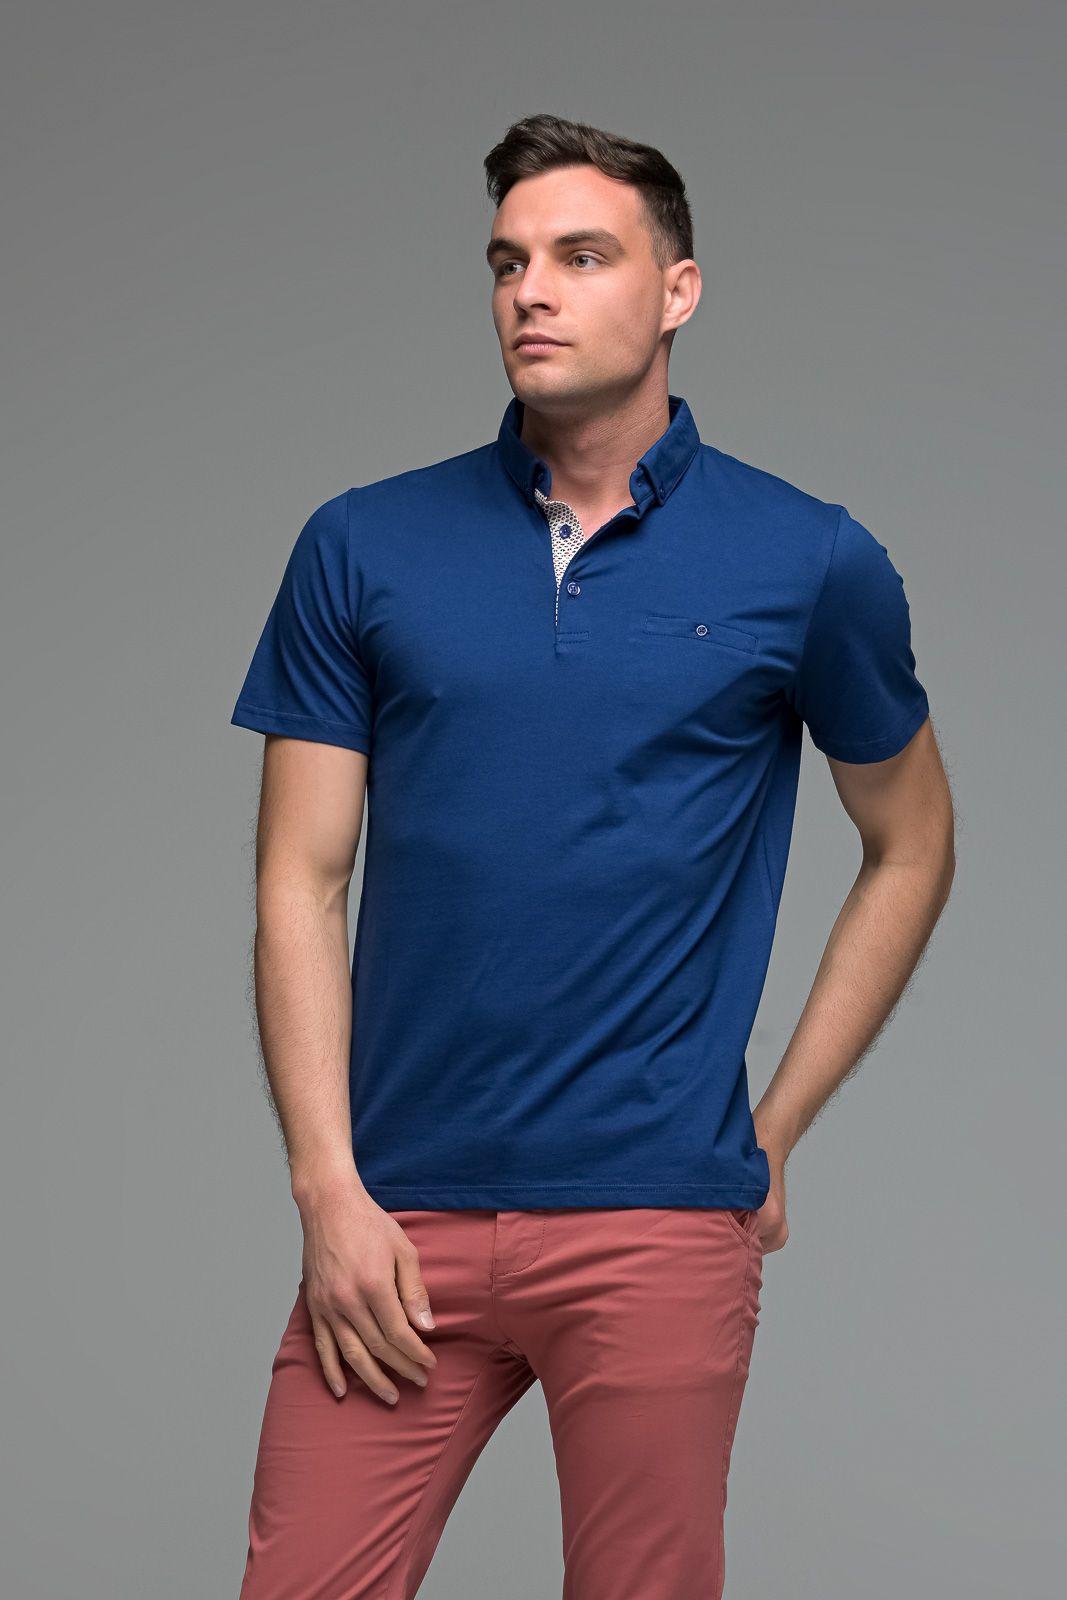 Μπλε Ανδρικό Πόλο Μπλουζάκι με Τσεπάκι